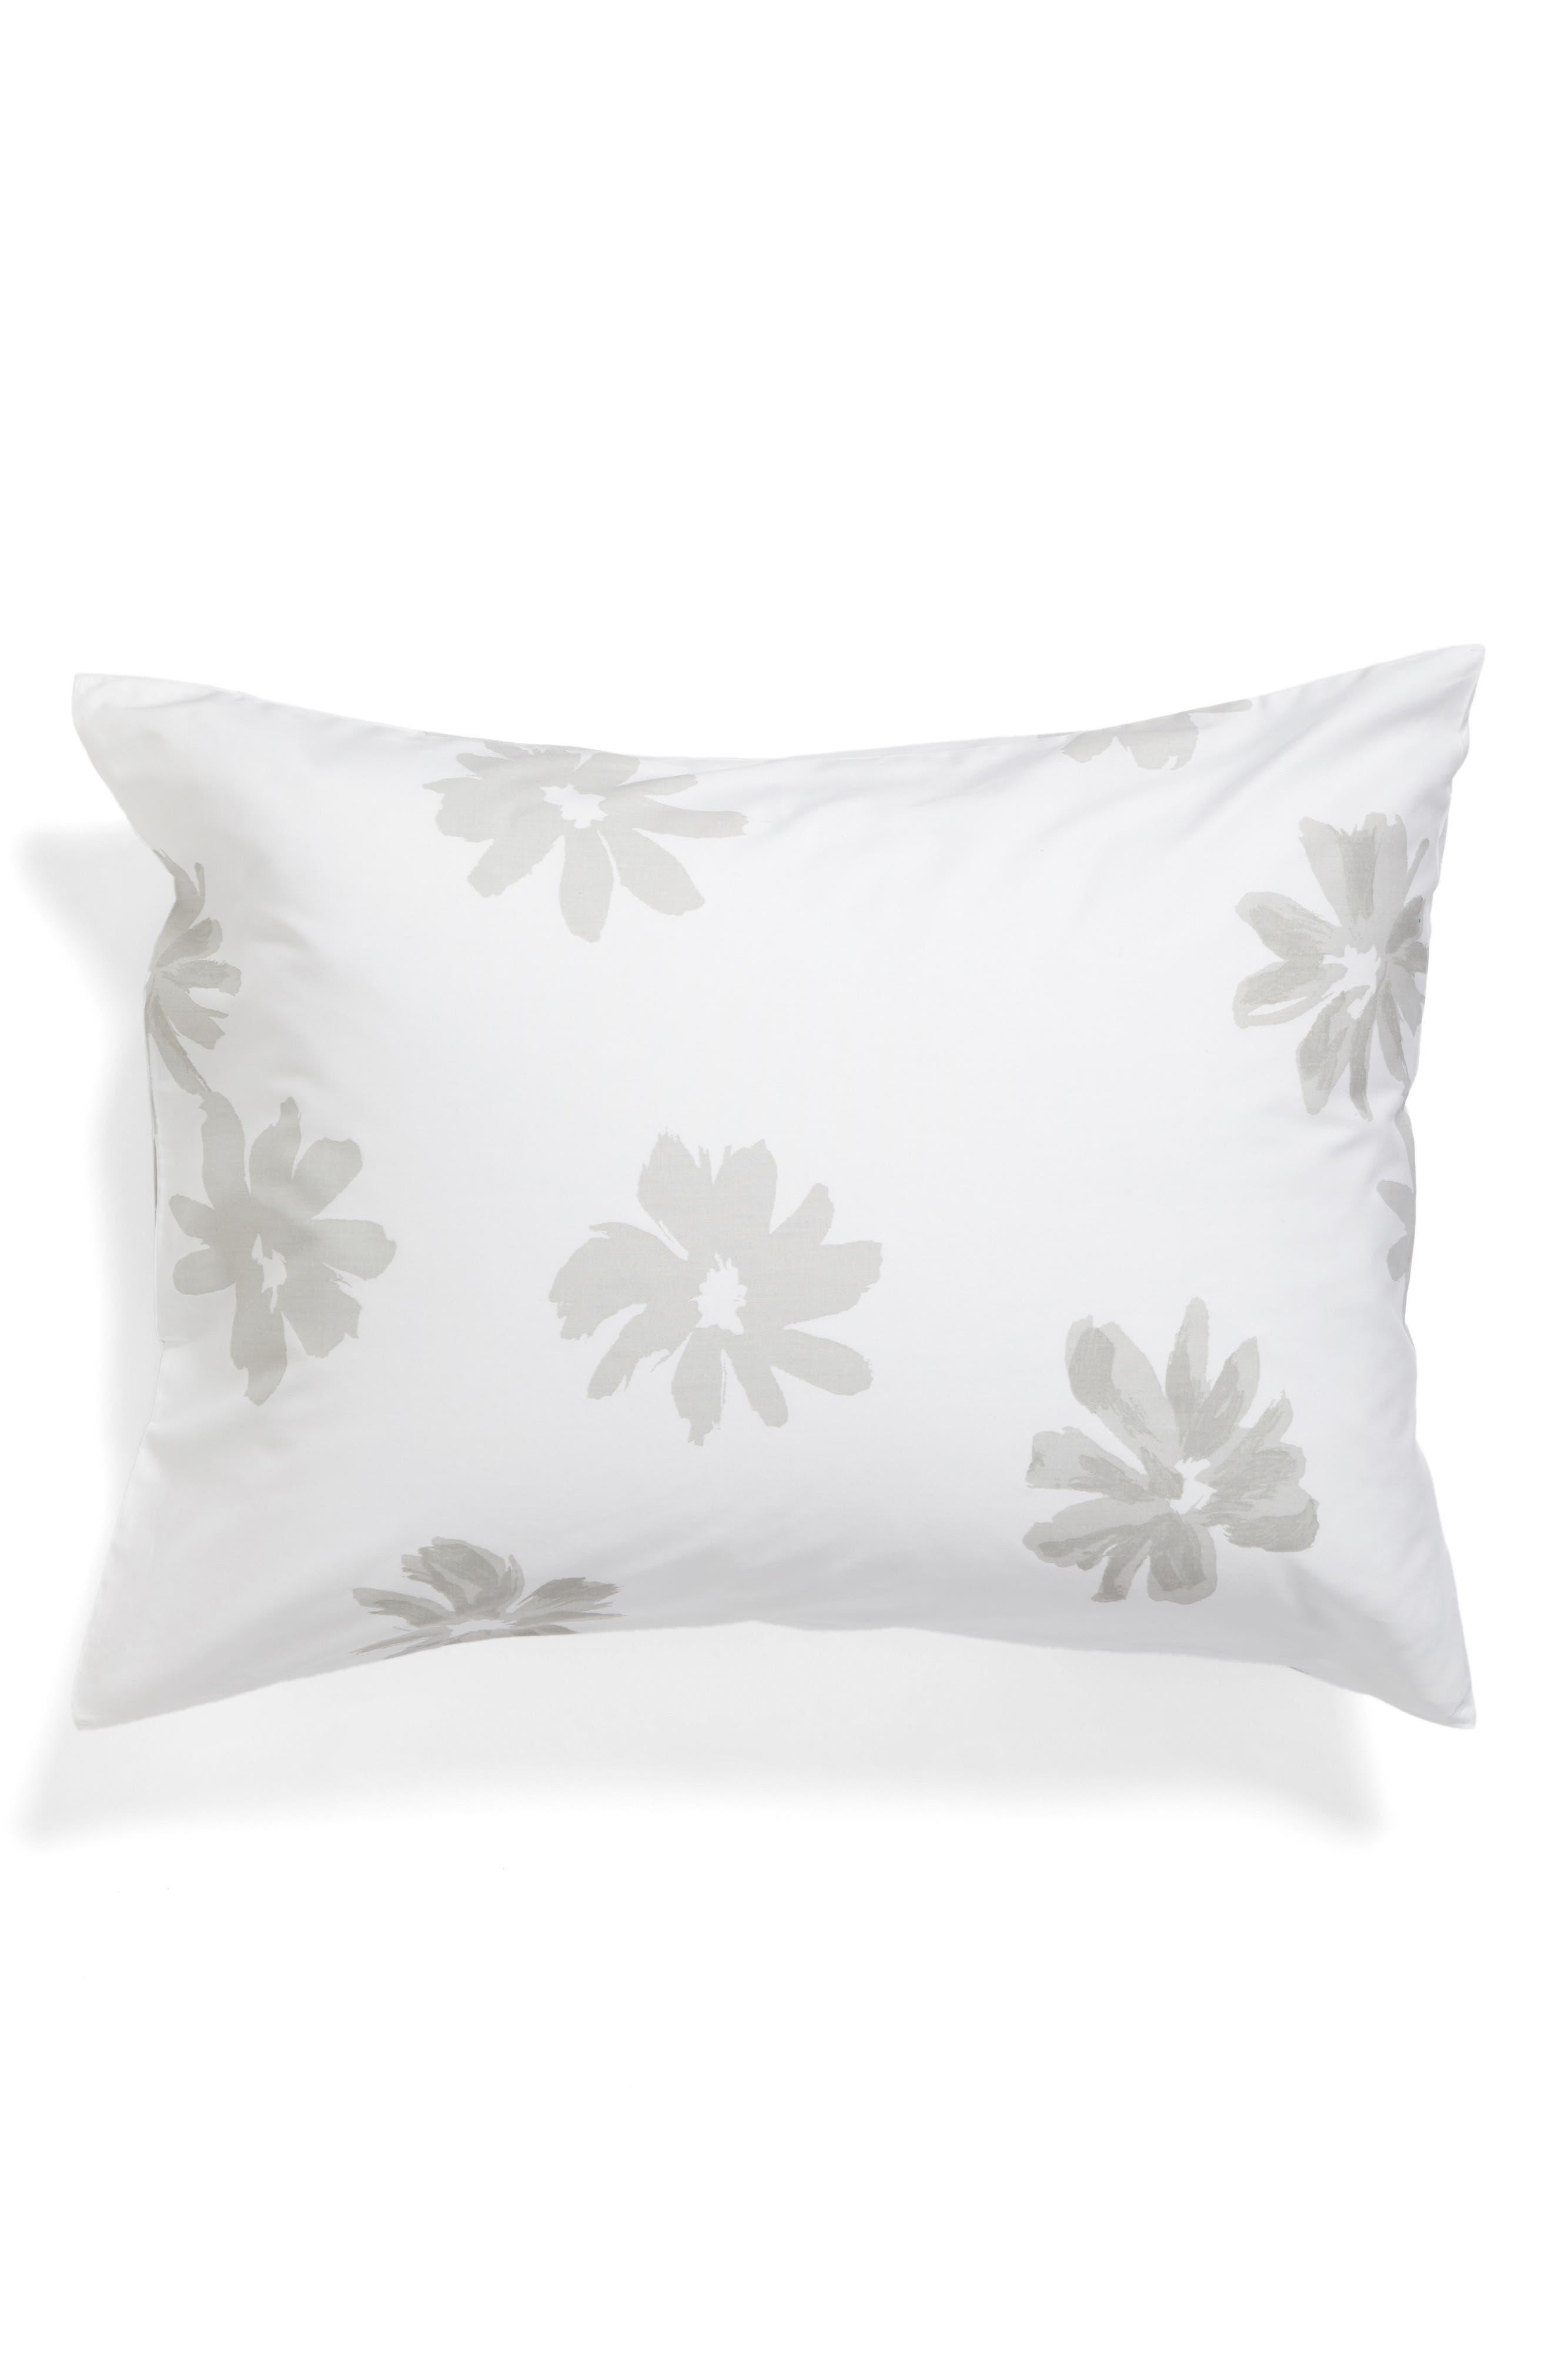 brushstroke garden comforter & sham set,                             Alternate thumbnail 4, color,                             020